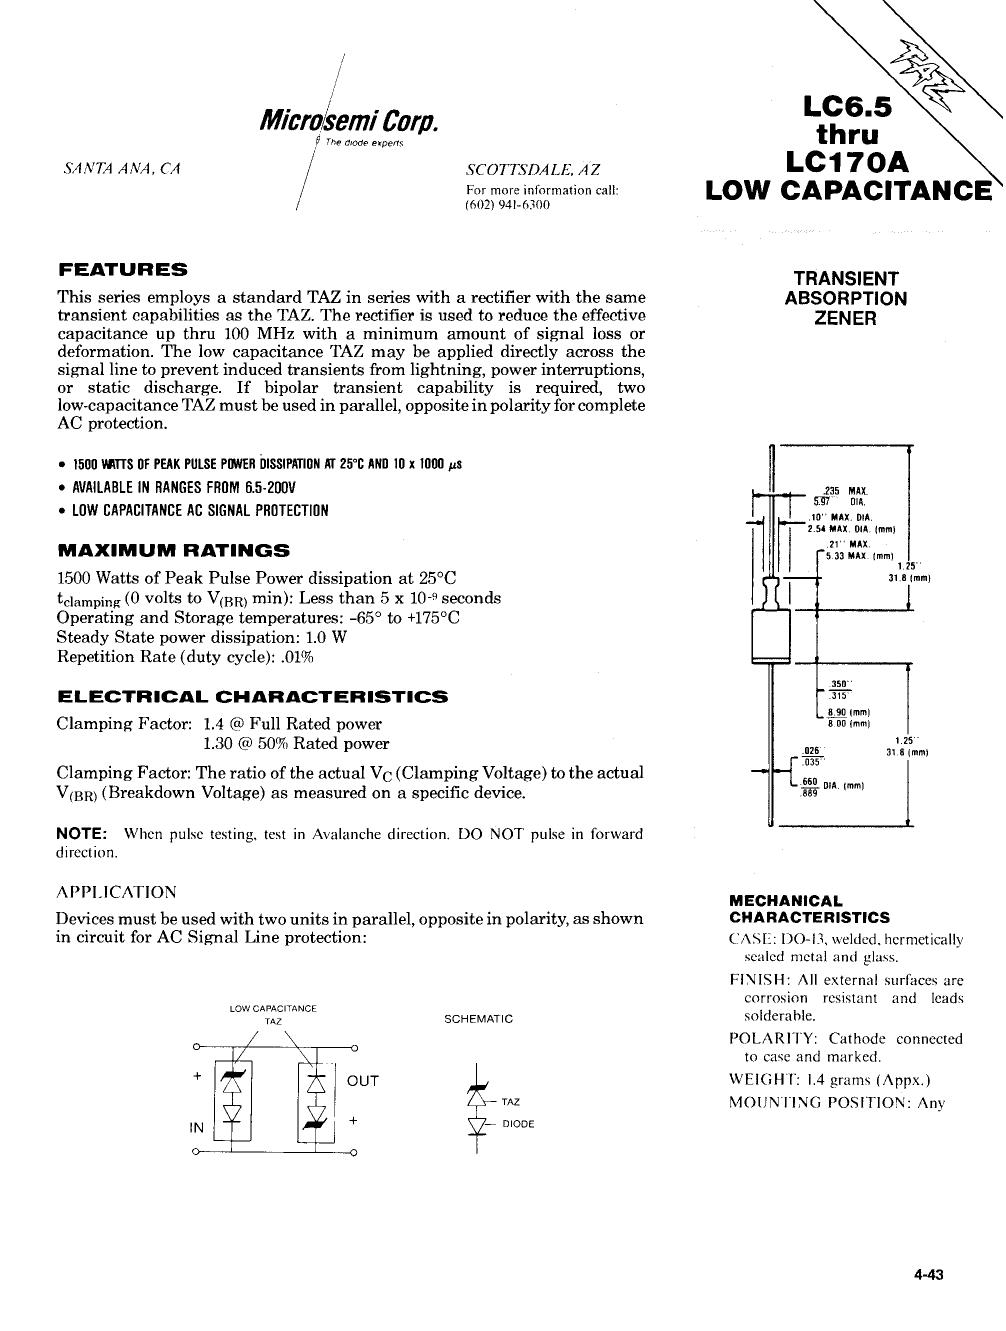 LC100A datasheet